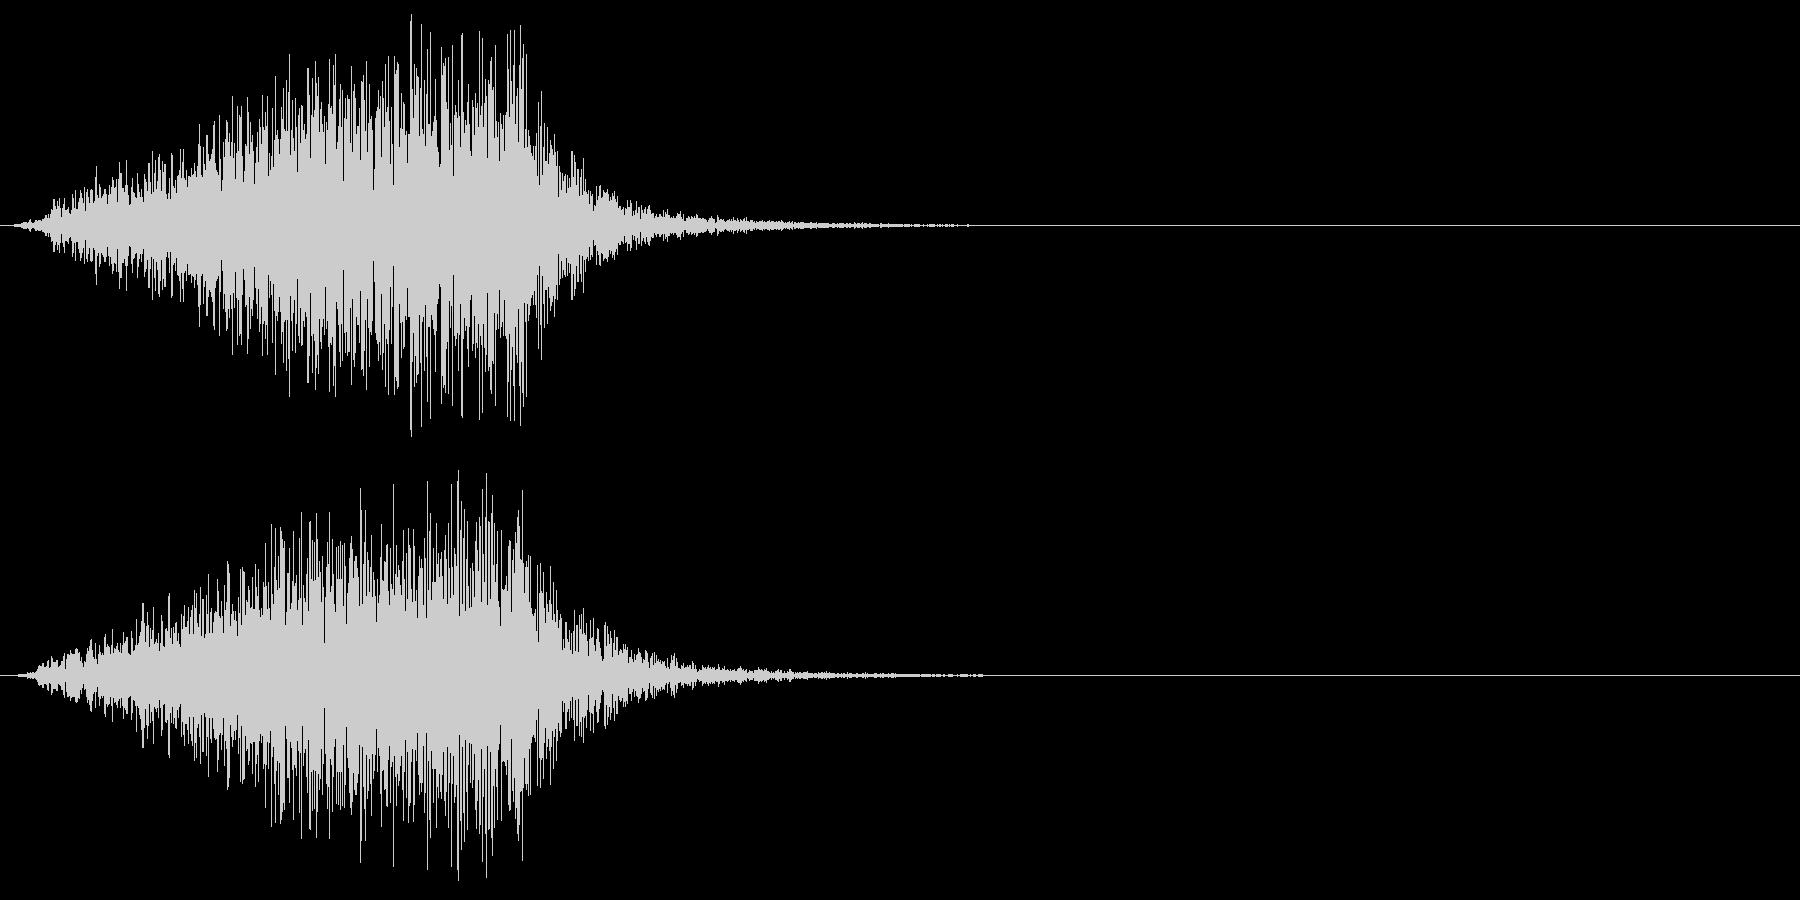 ホラー 近く 接近 恐怖 金属音 07の未再生の波形